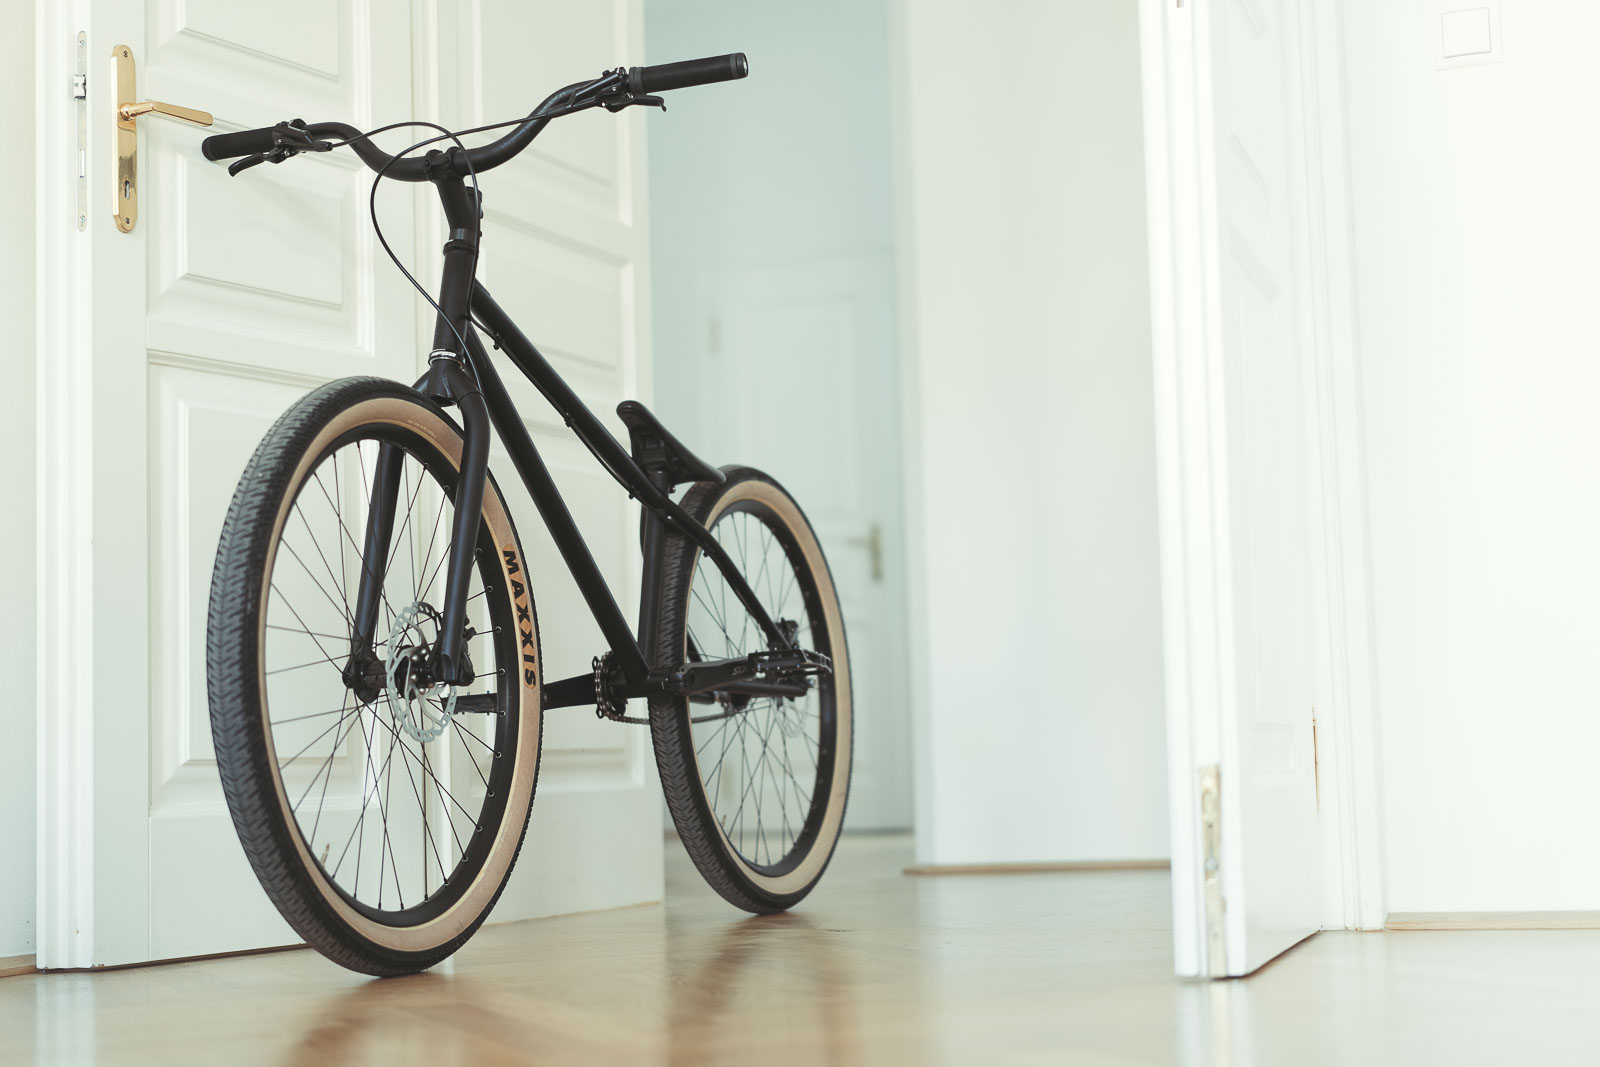 viennasfinest.bike